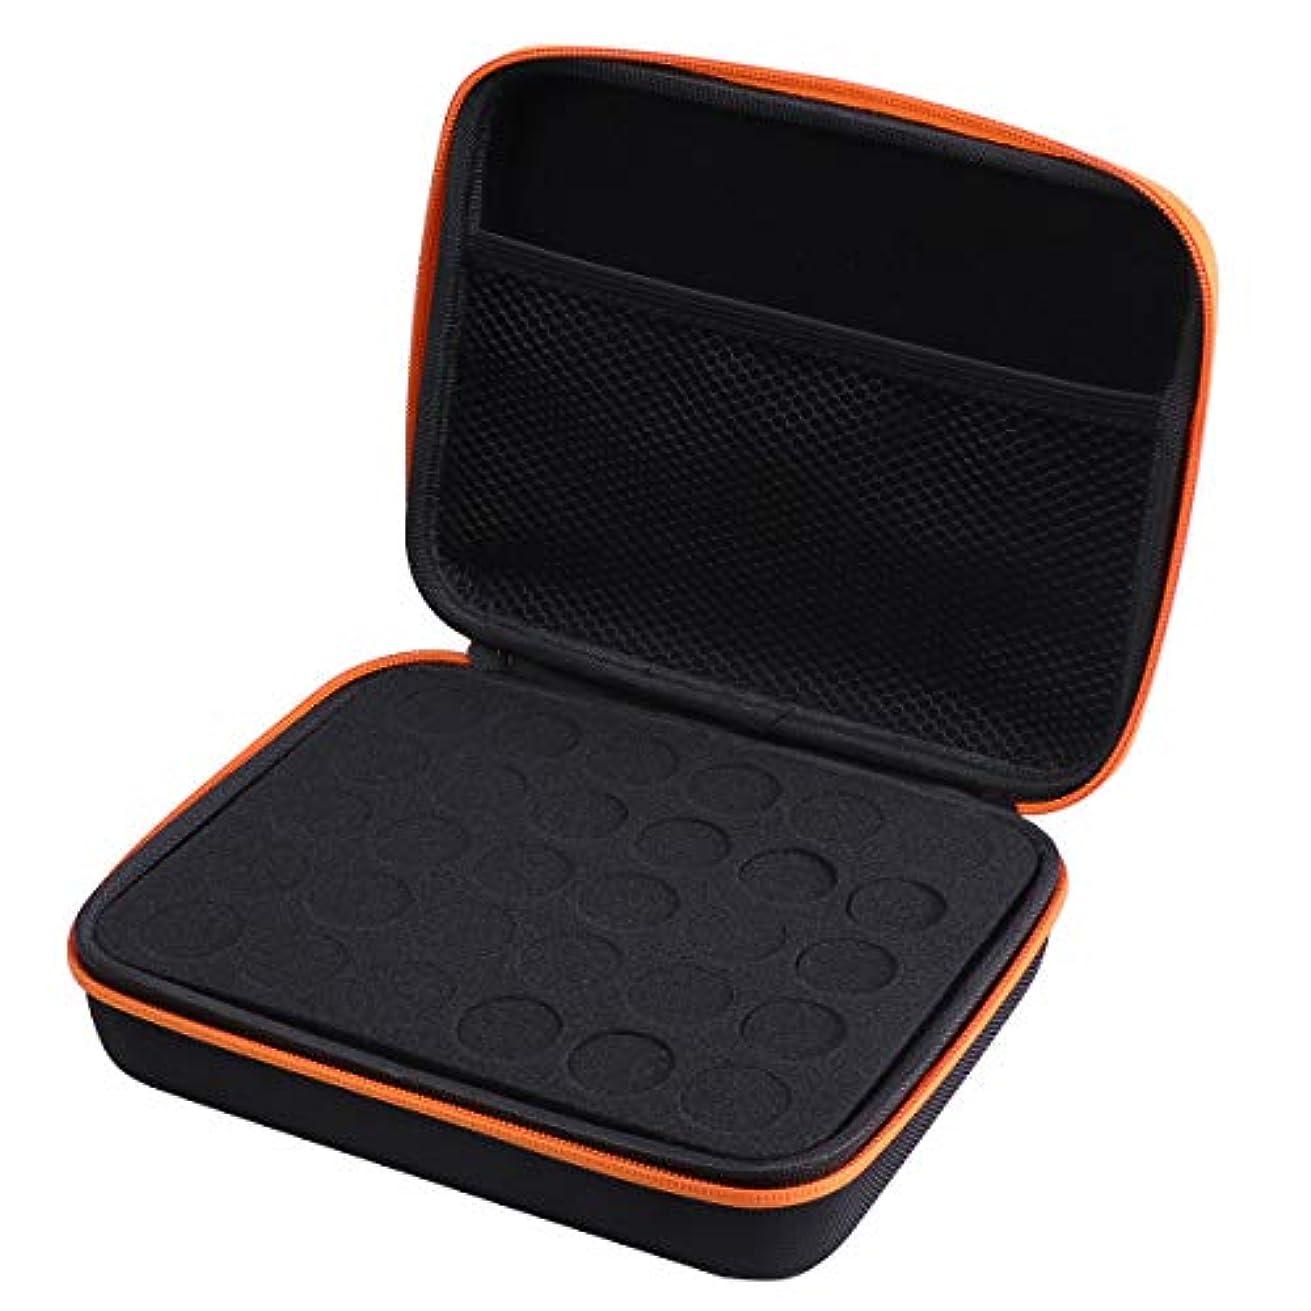 箱レーニン主義早くFrcolor エッセンシャルオイル ケース 携帯用 アロマポーチ アロマケース メイクポーチ 精油ケース 30本用(オレンジ)